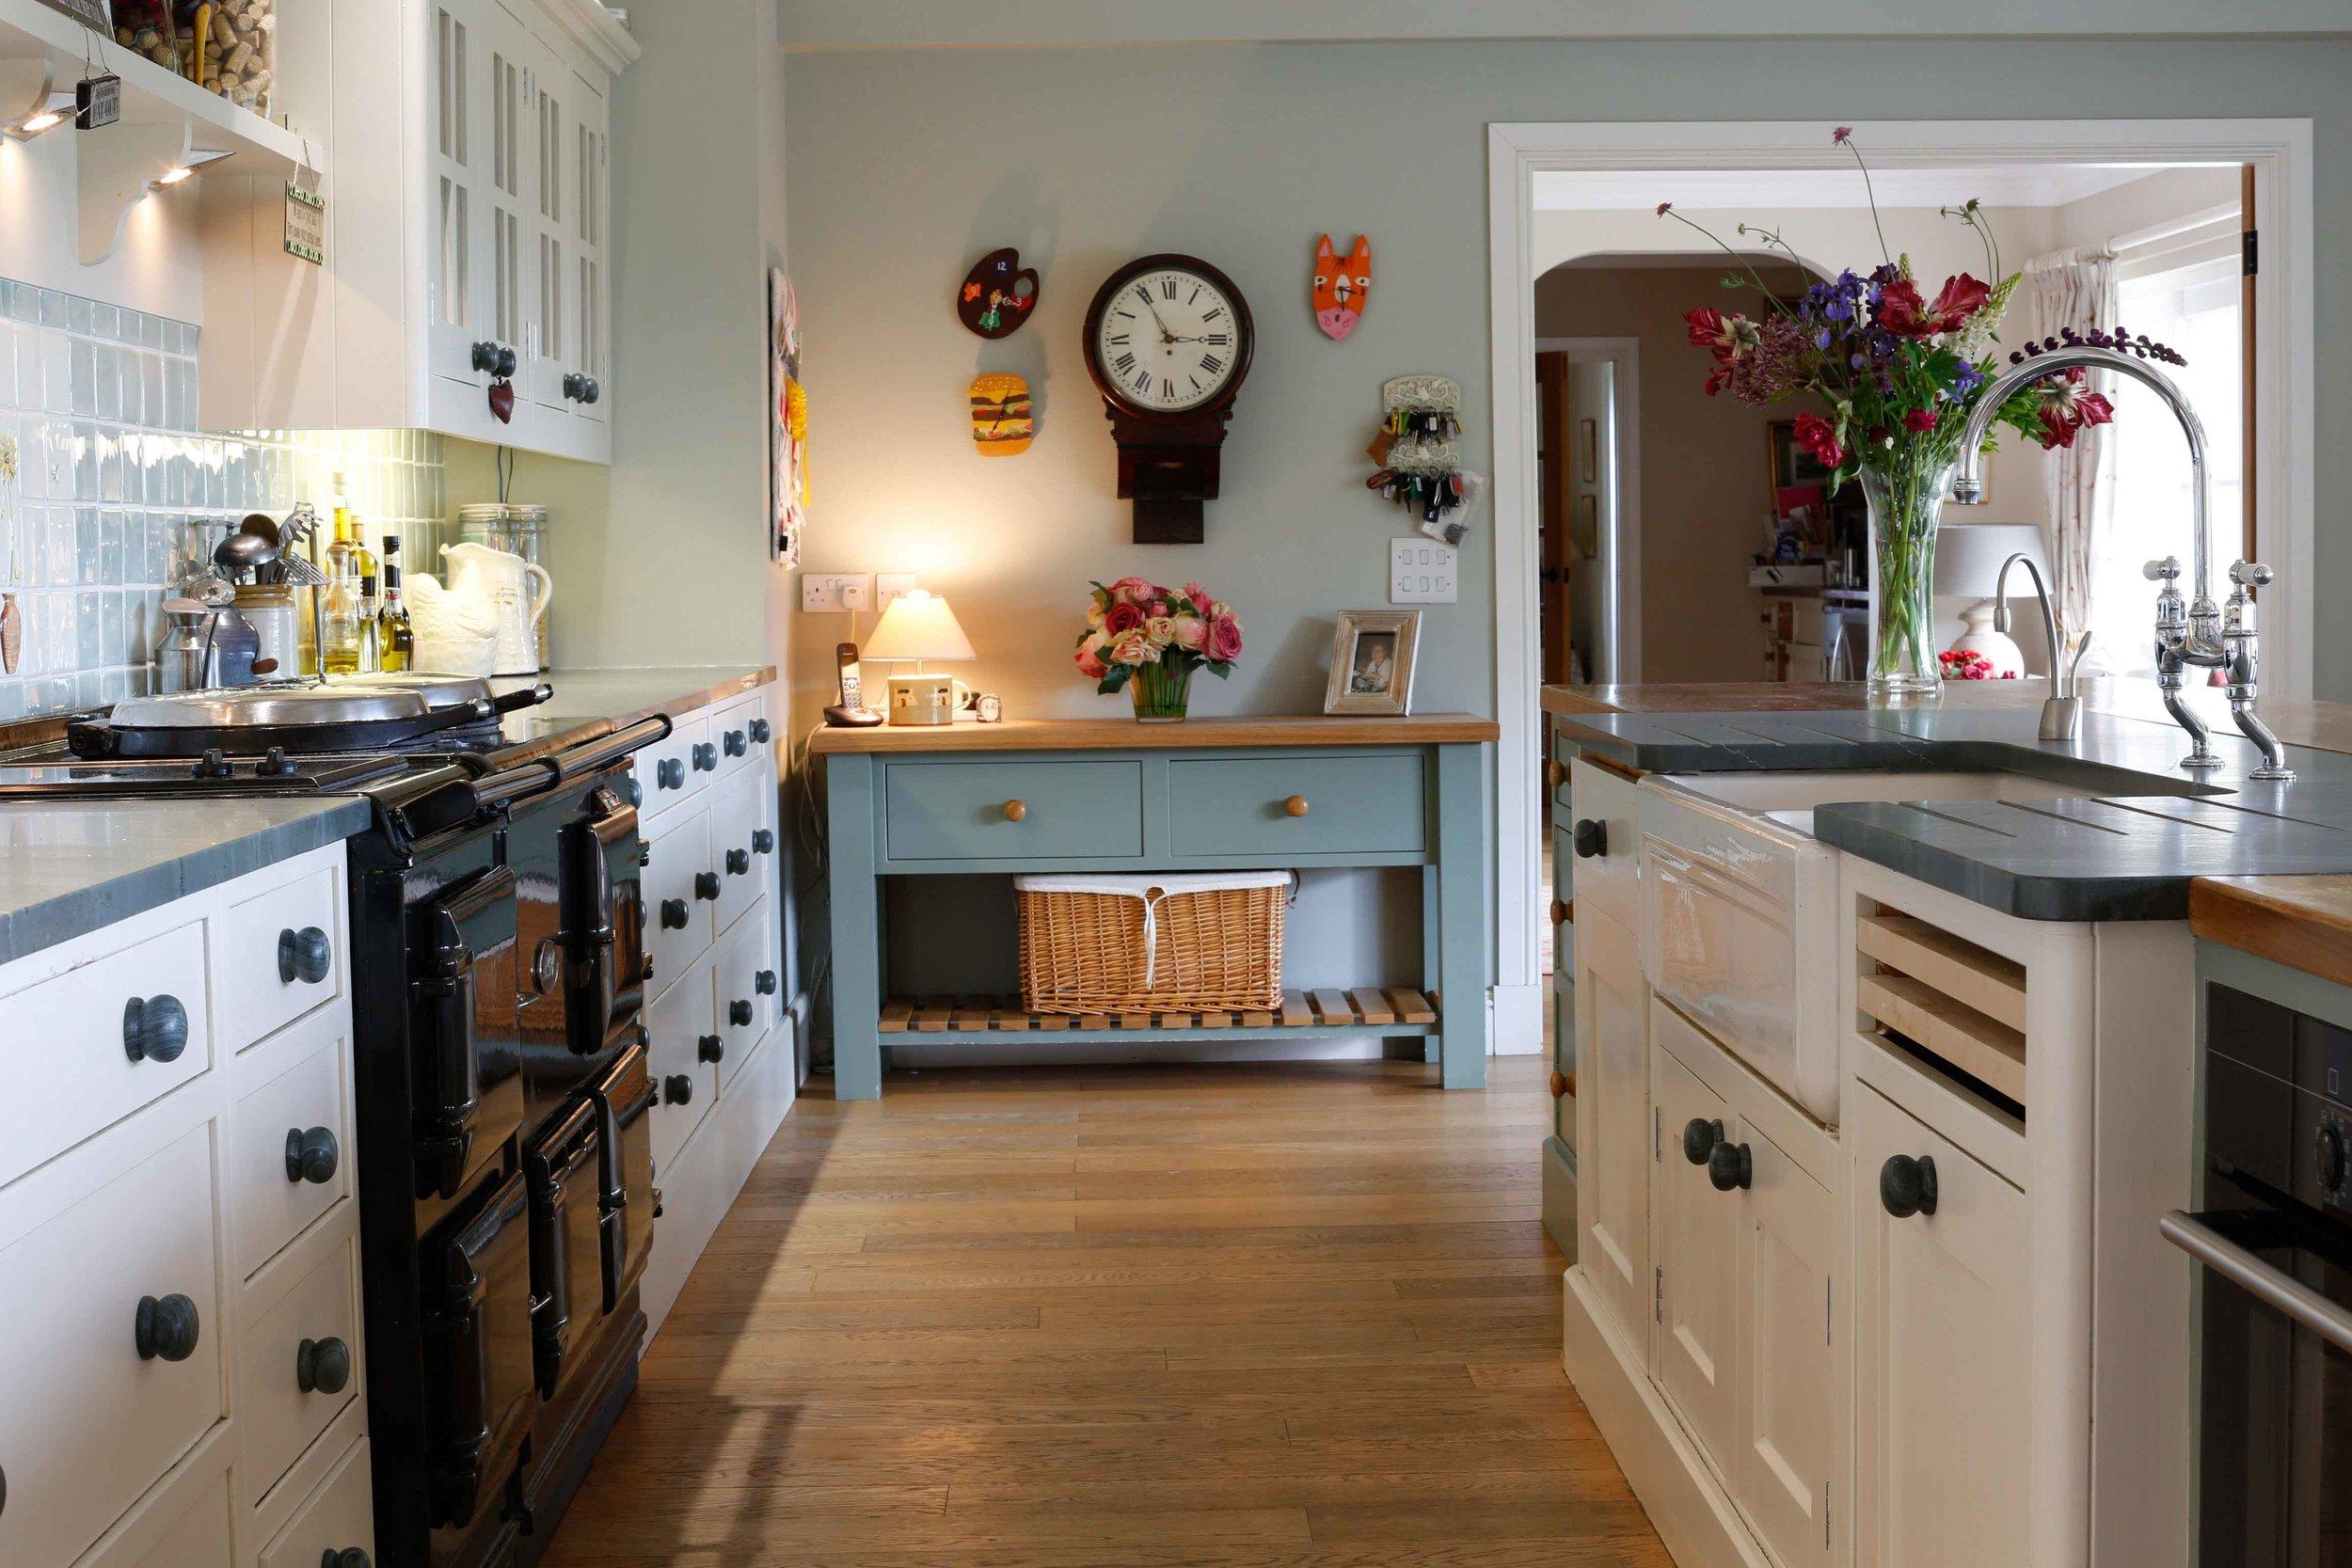 bespoke-kitchen-details